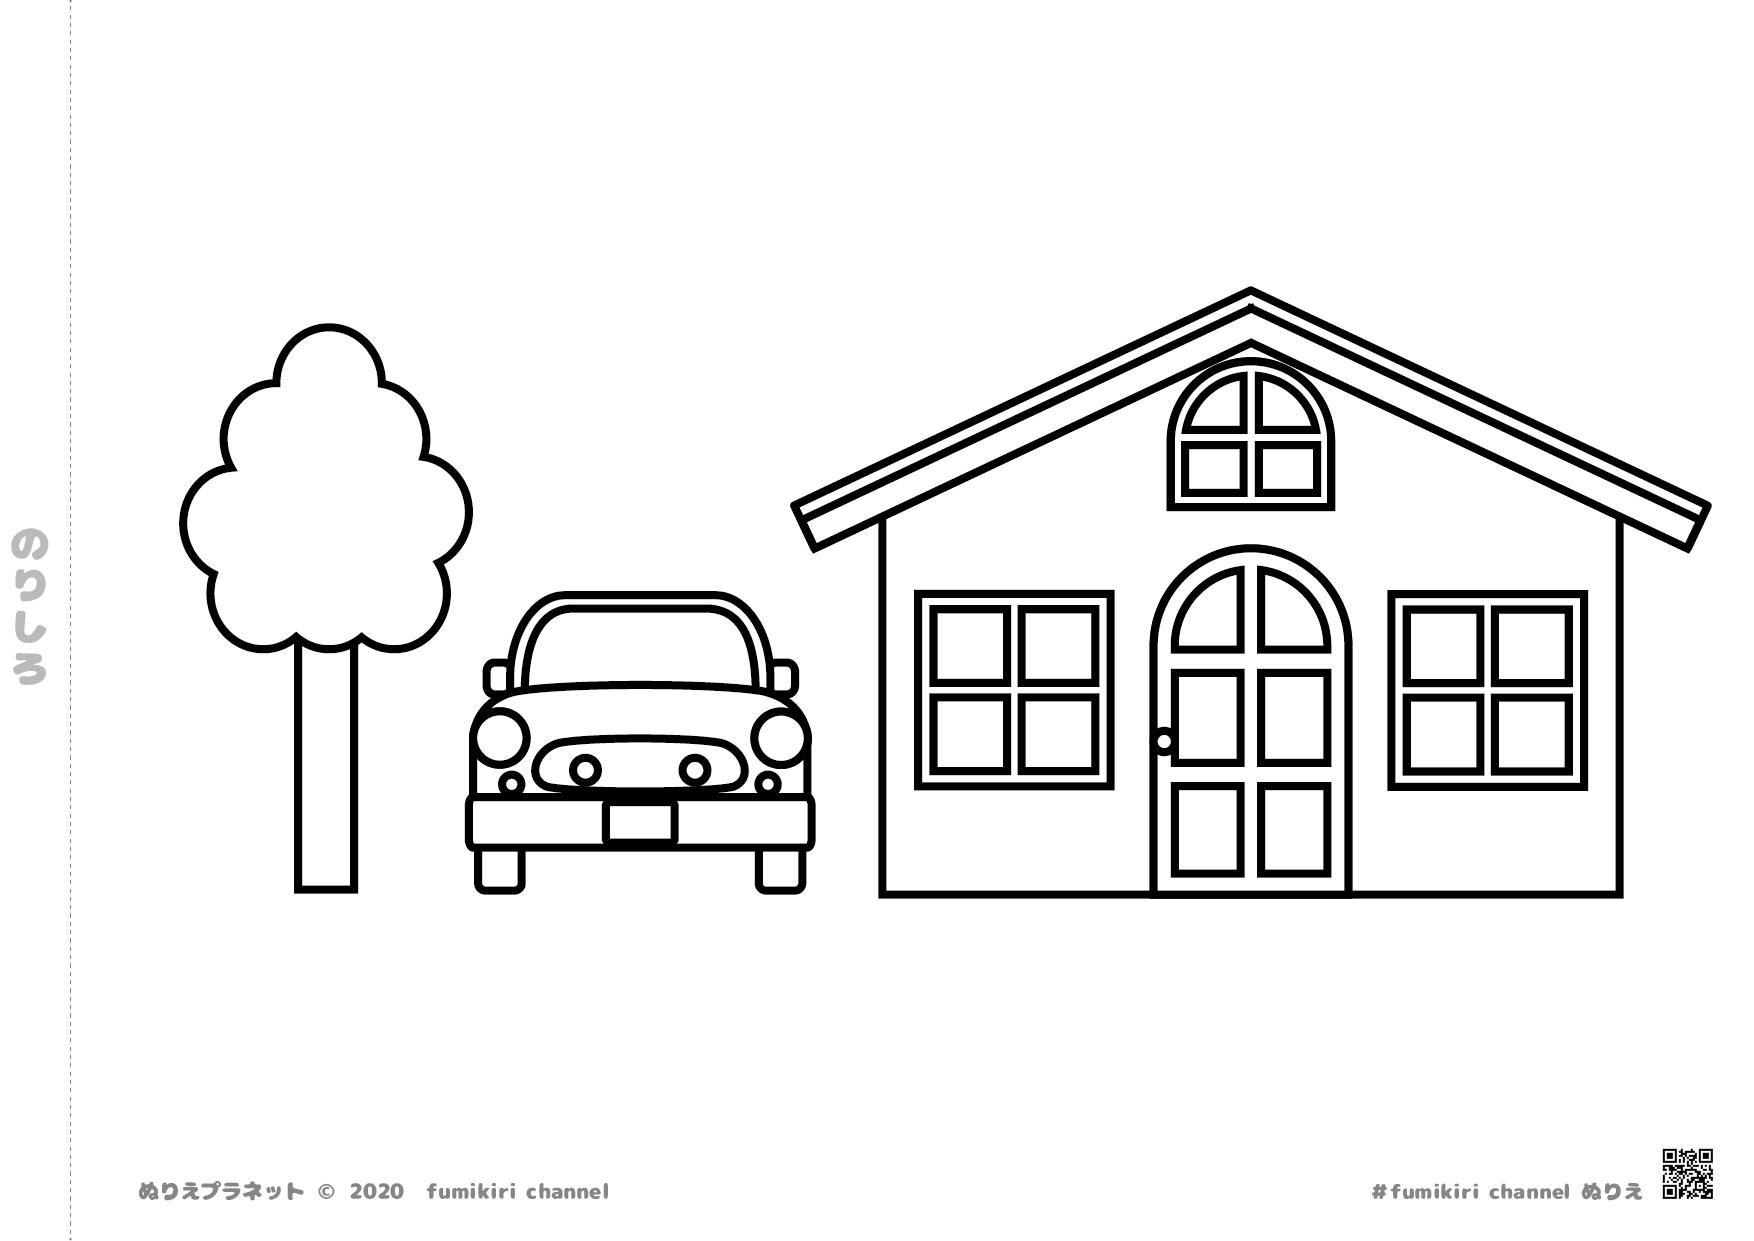 自動車とお家と木のぬりえ